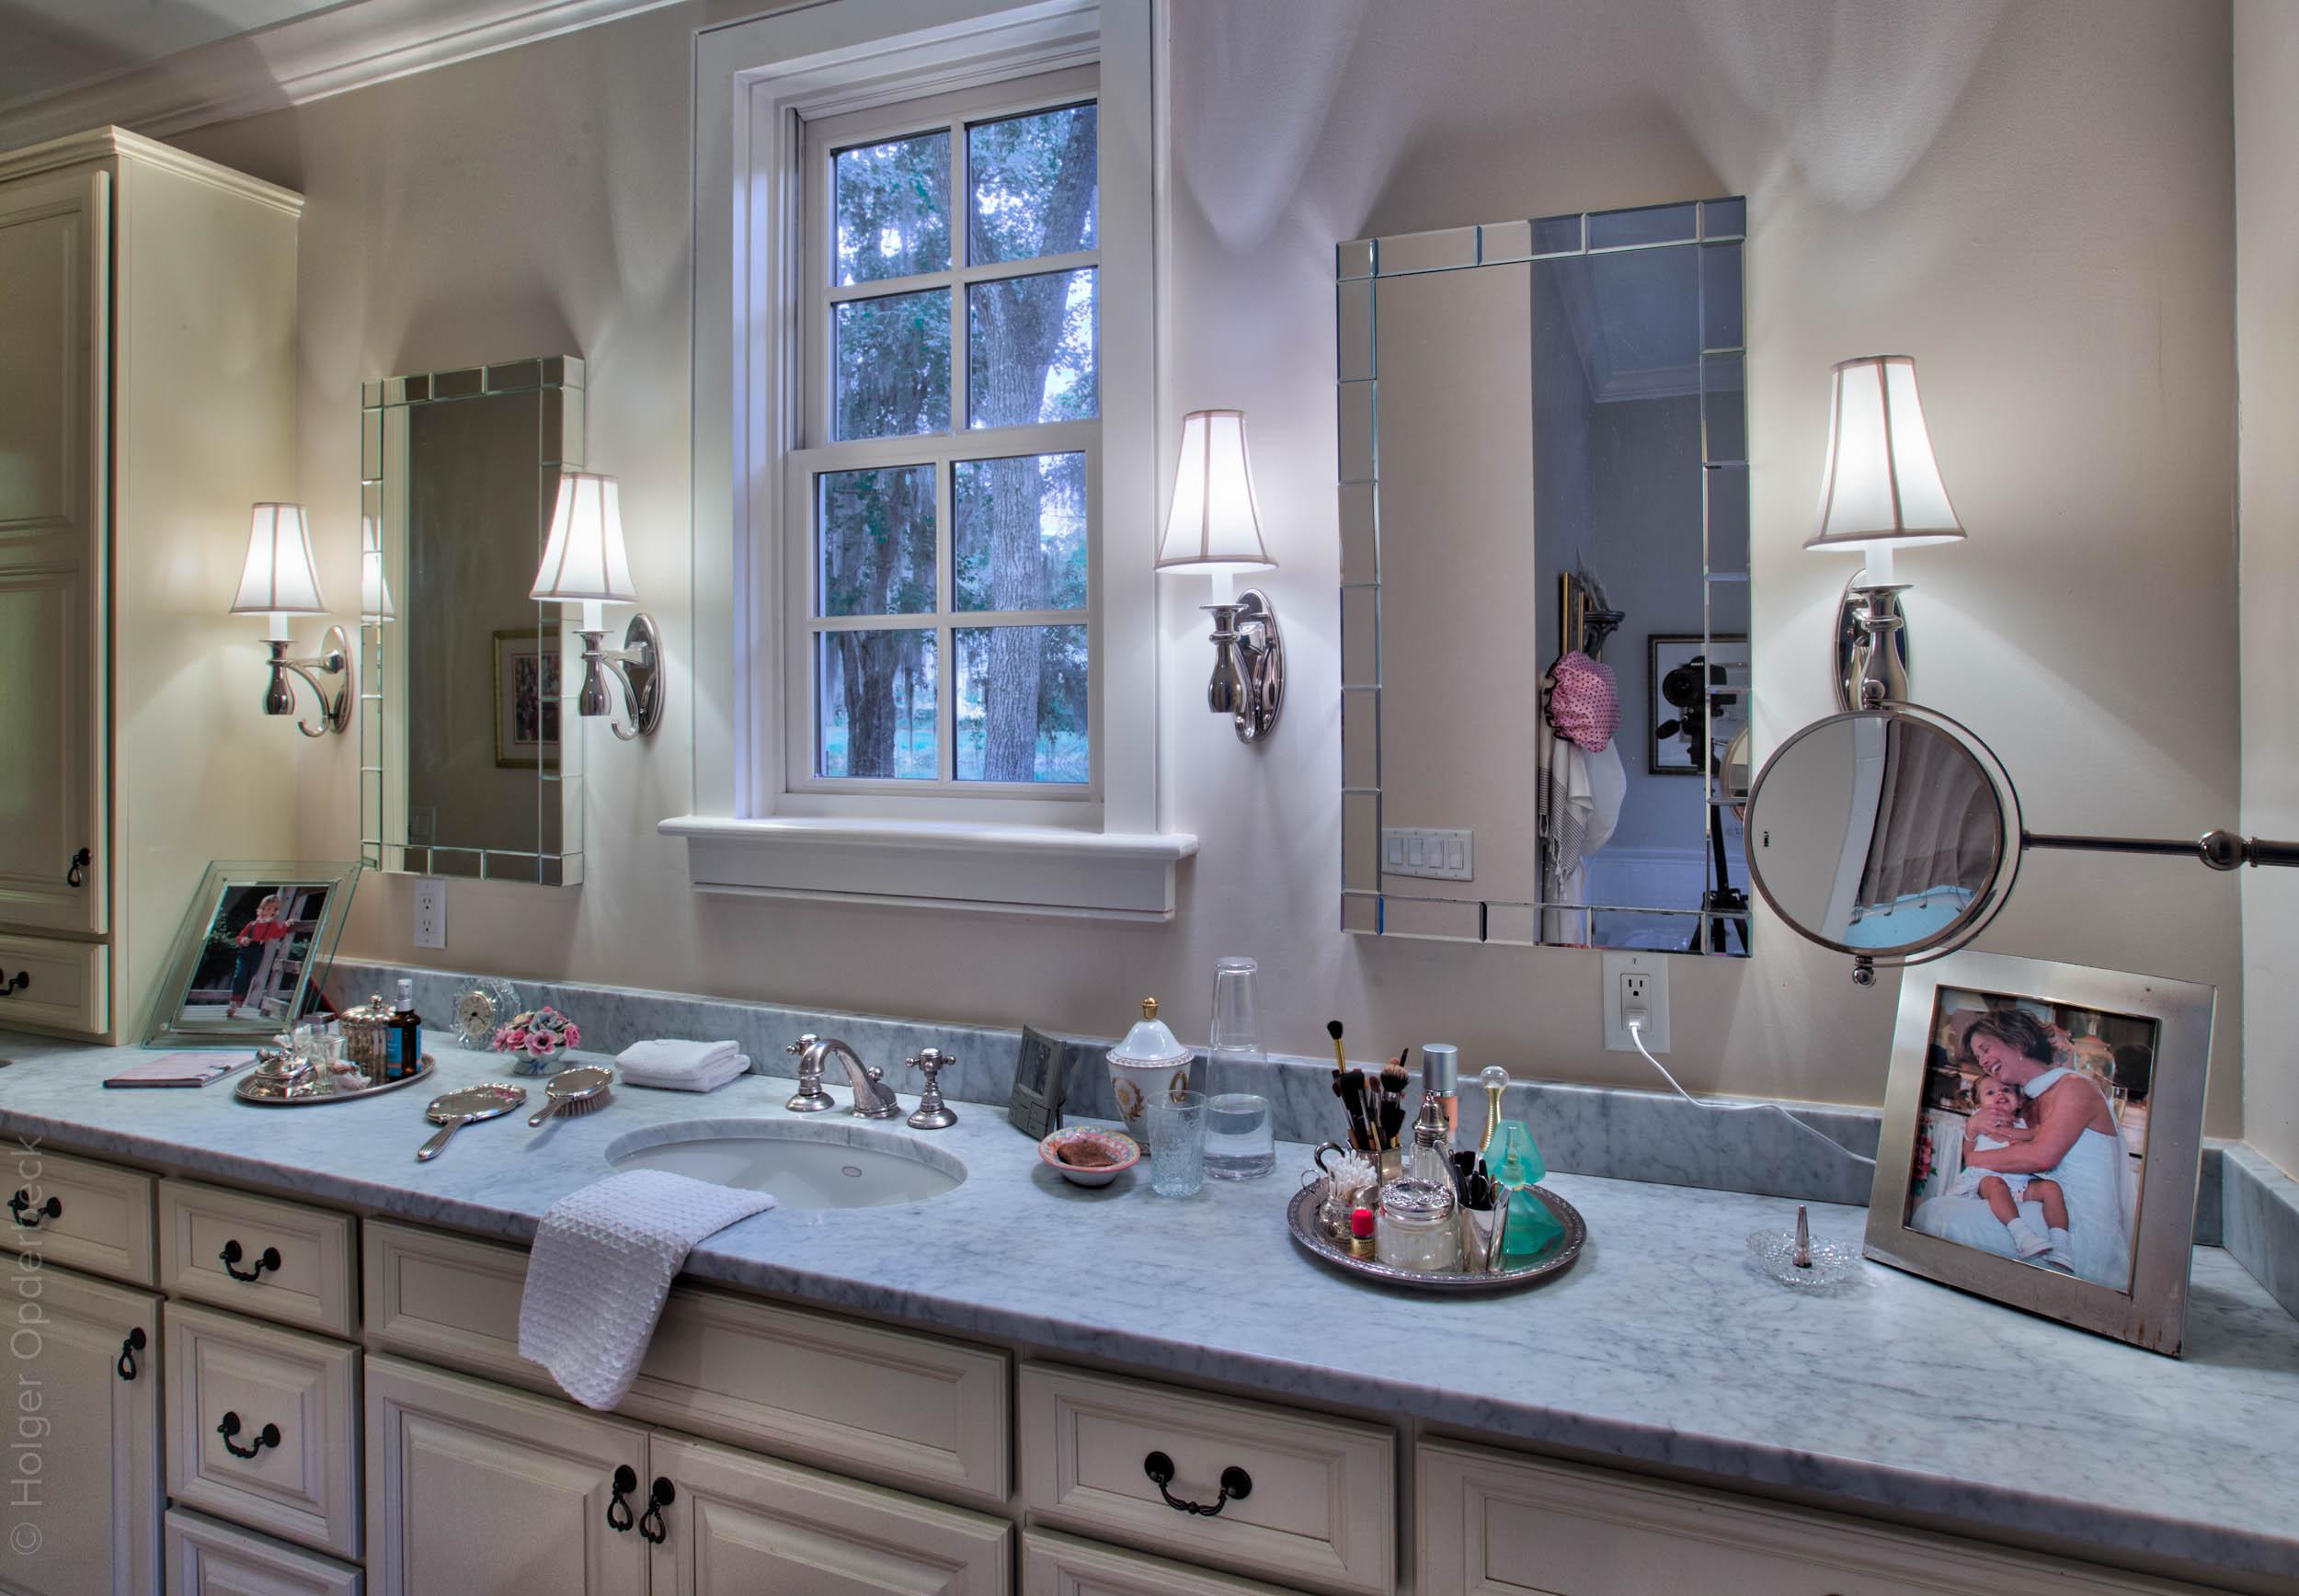 340 master-bath-sink.jpg